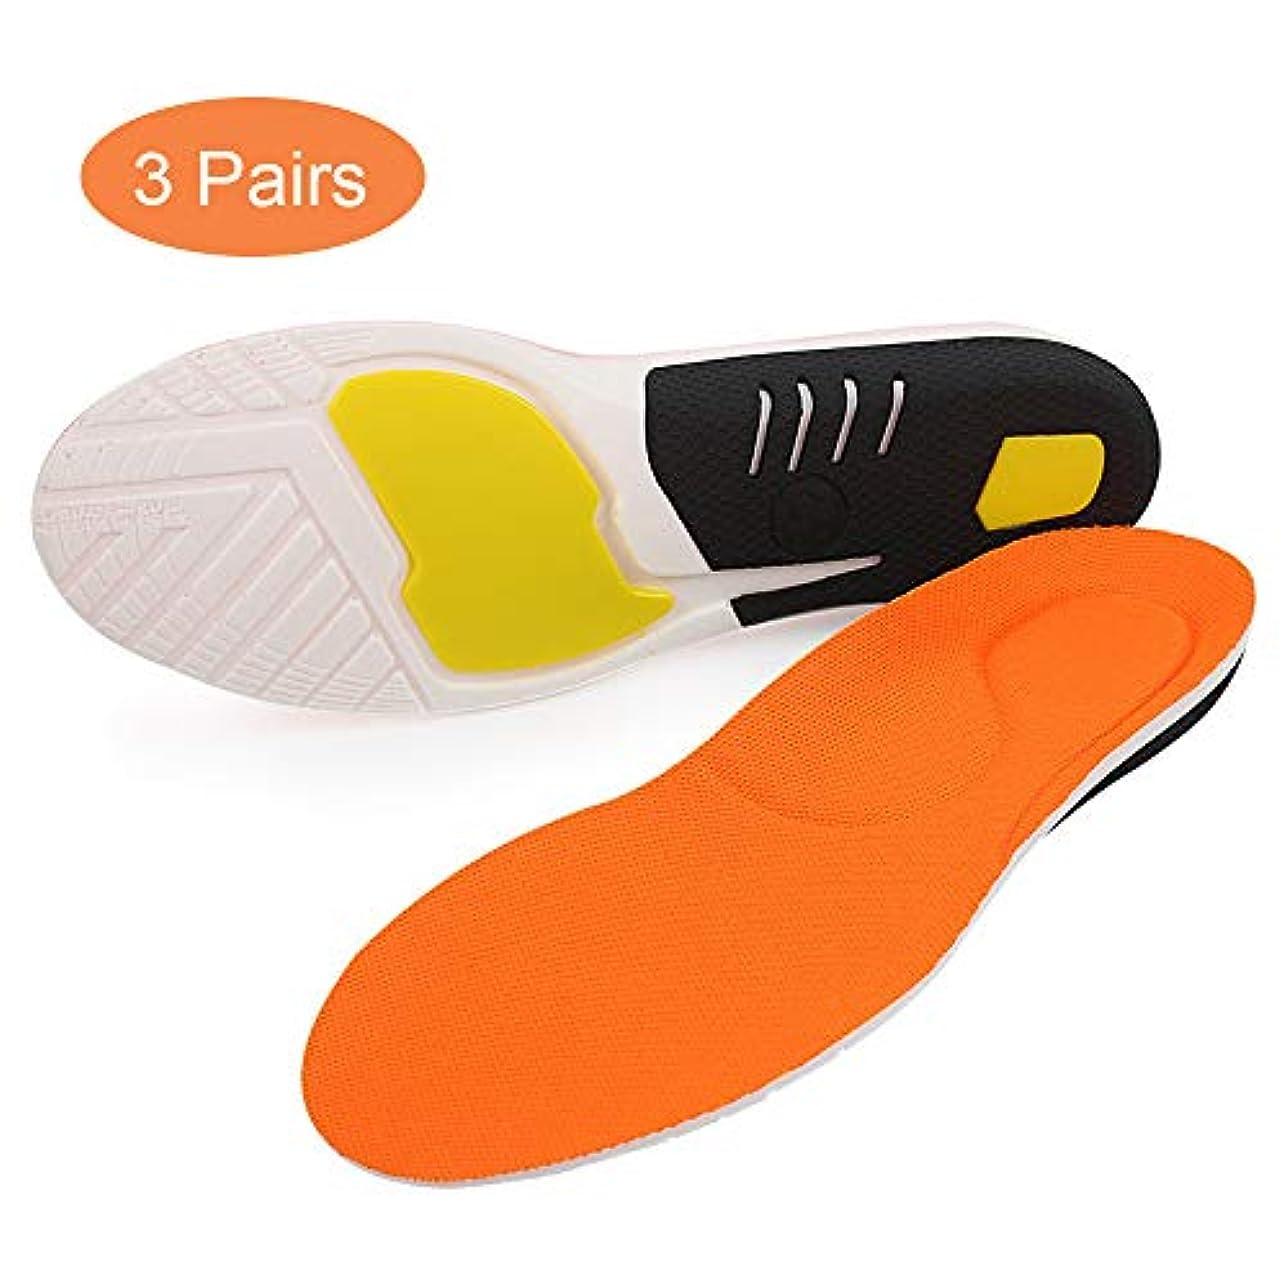 スポーツインソール3ペアフットマッサージ矯正インソール汗を吸収ソフト厚く通気性を緩和フィットネス、ランニング、テニスのための足底圧切断可能,L